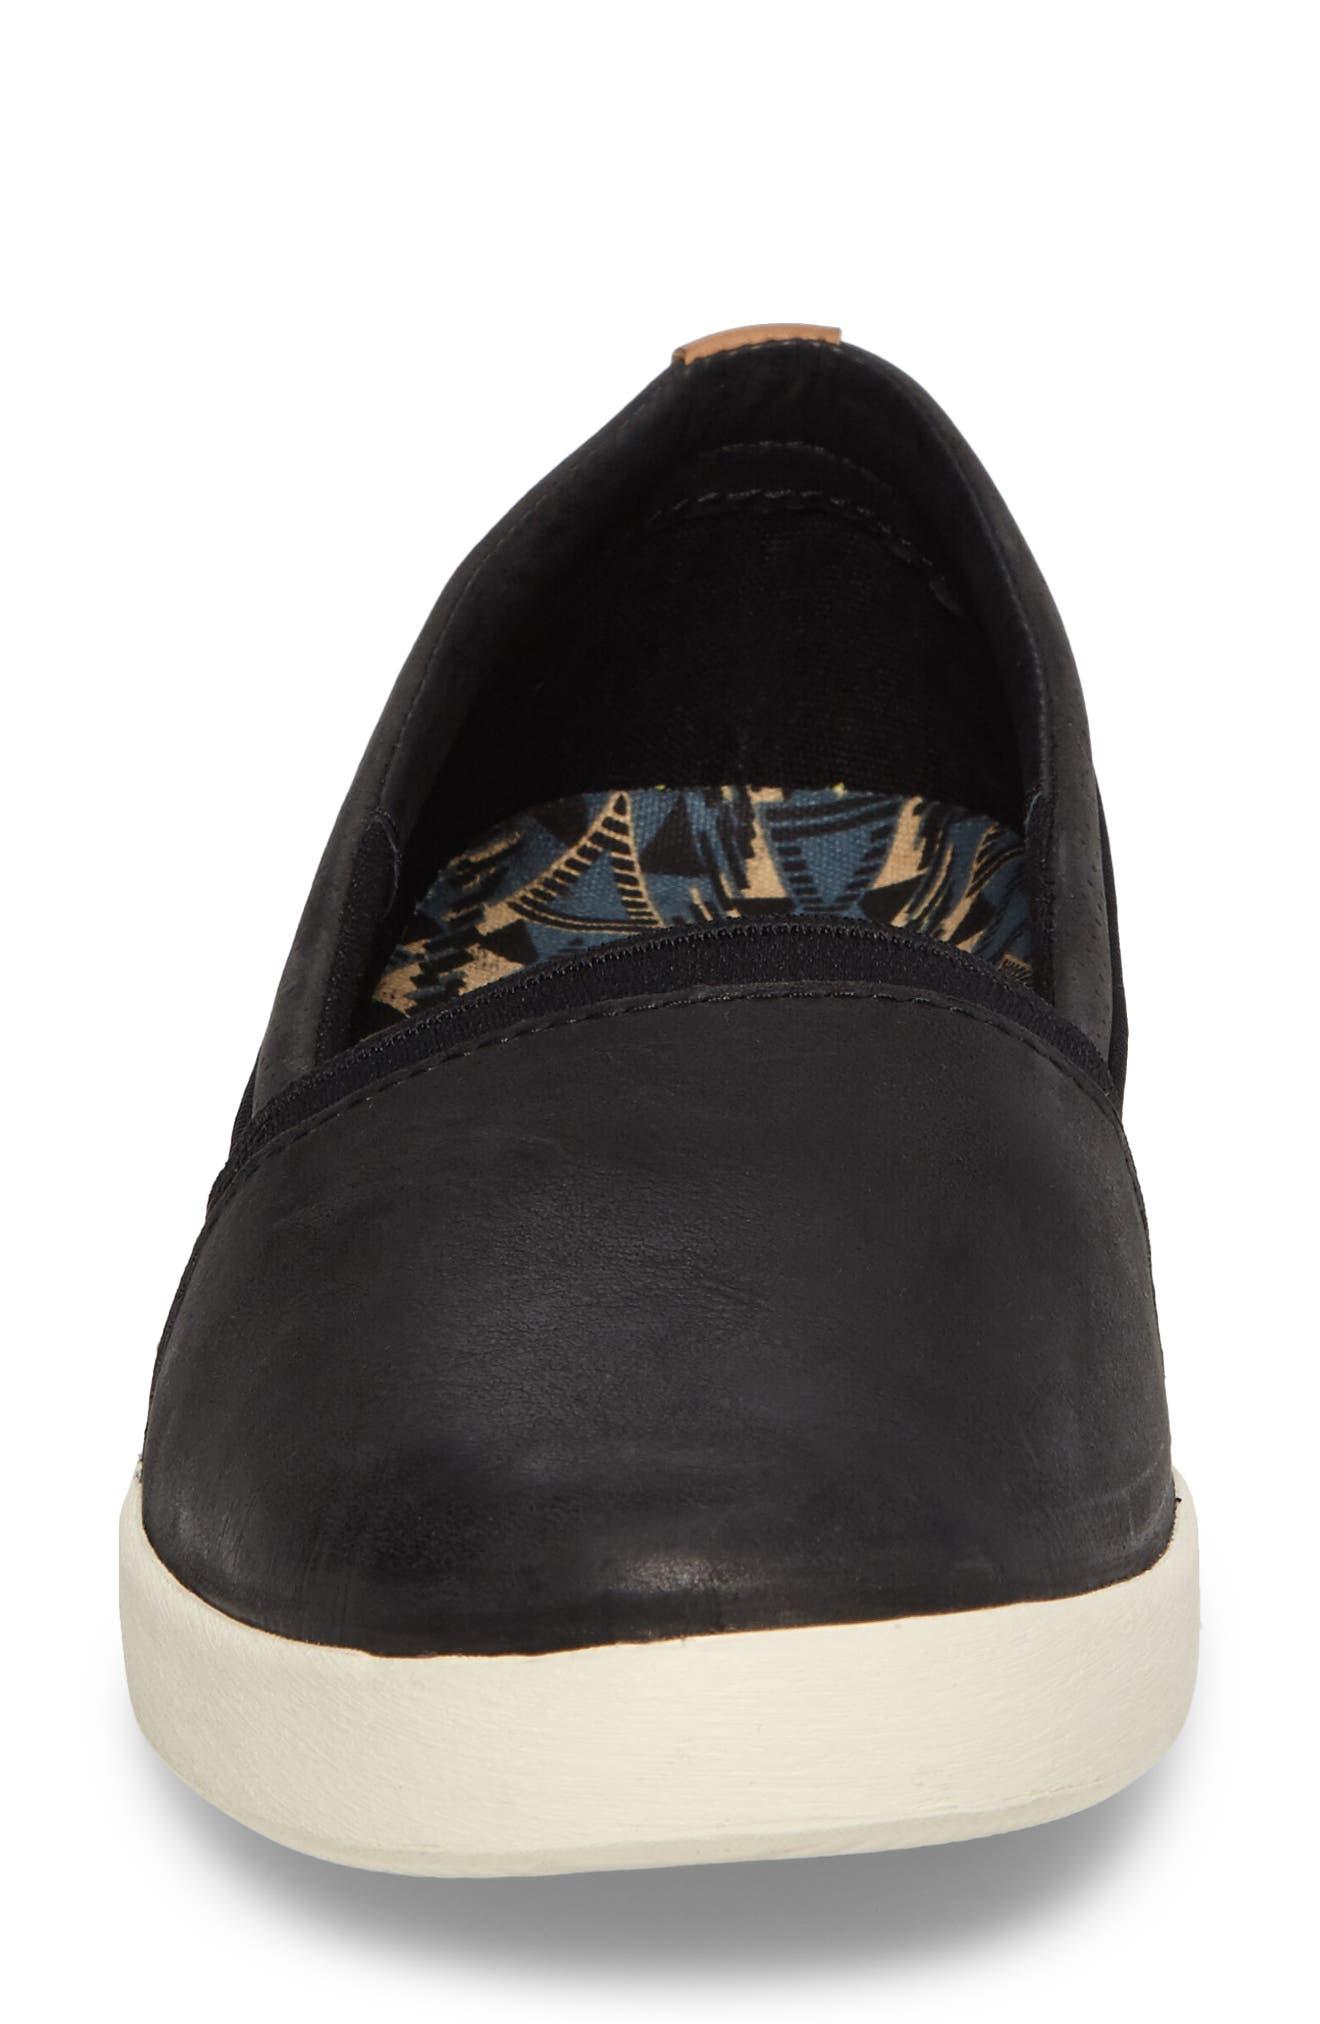 Willow Slip-On Sneaker,                             Alternate thumbnail 4, color,                             001